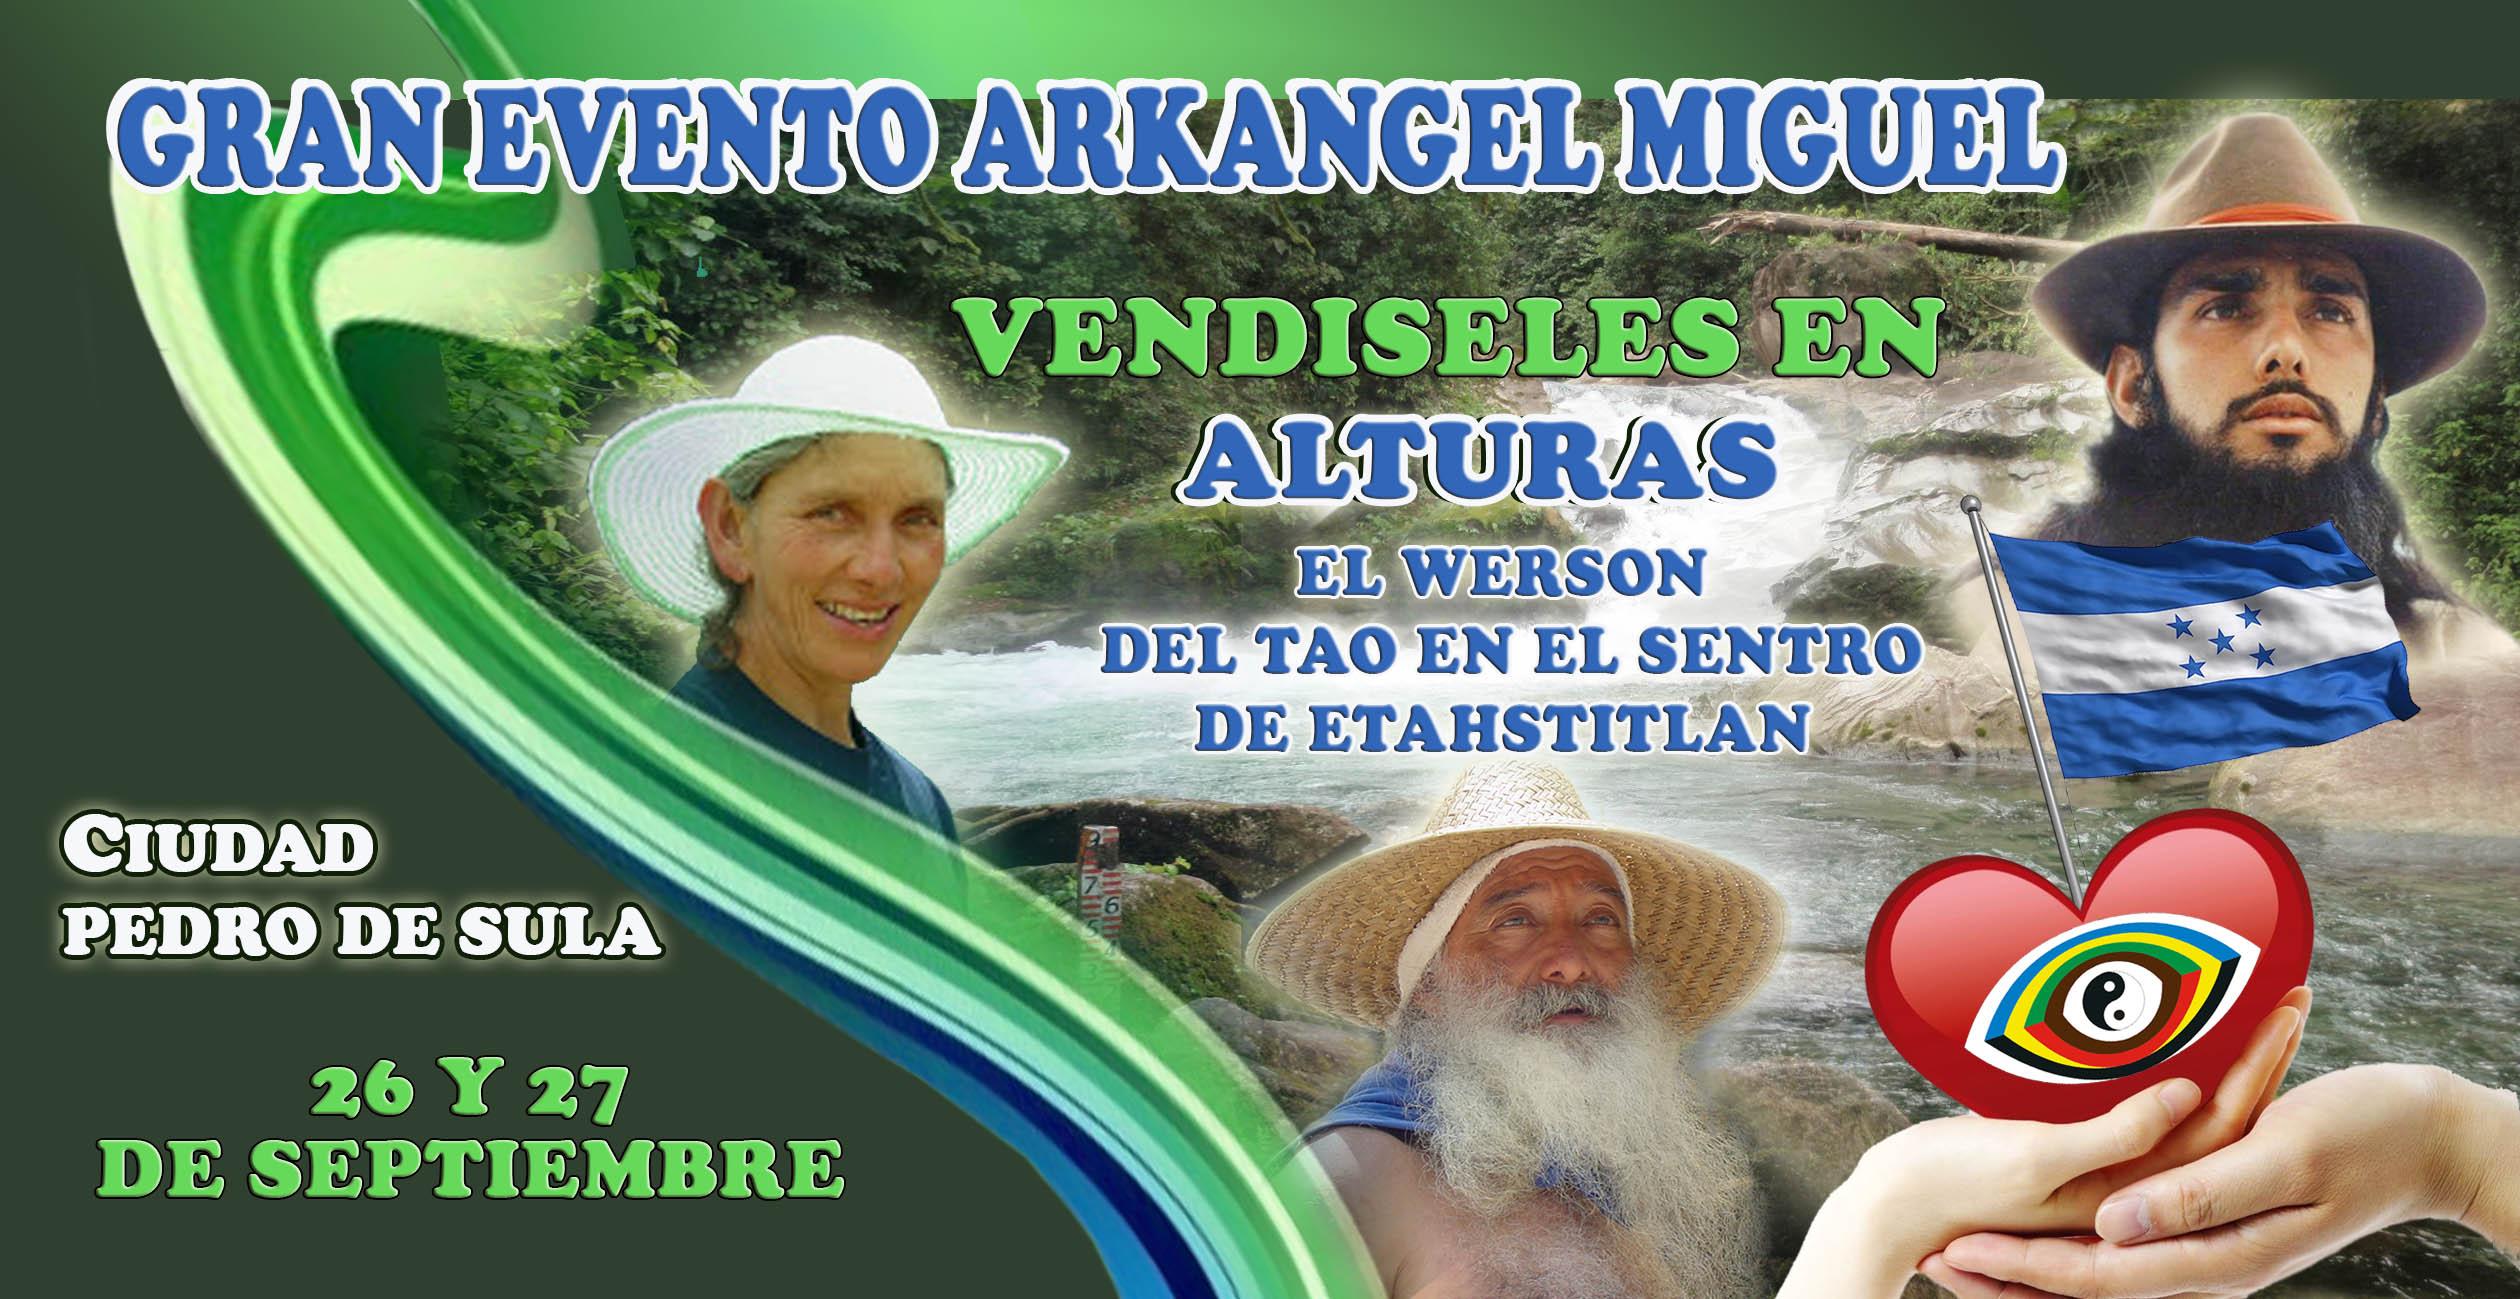 GRAN EVENTO DEL ARKANGEL MIGUEL EN ALTURAS ( HONDURAS )